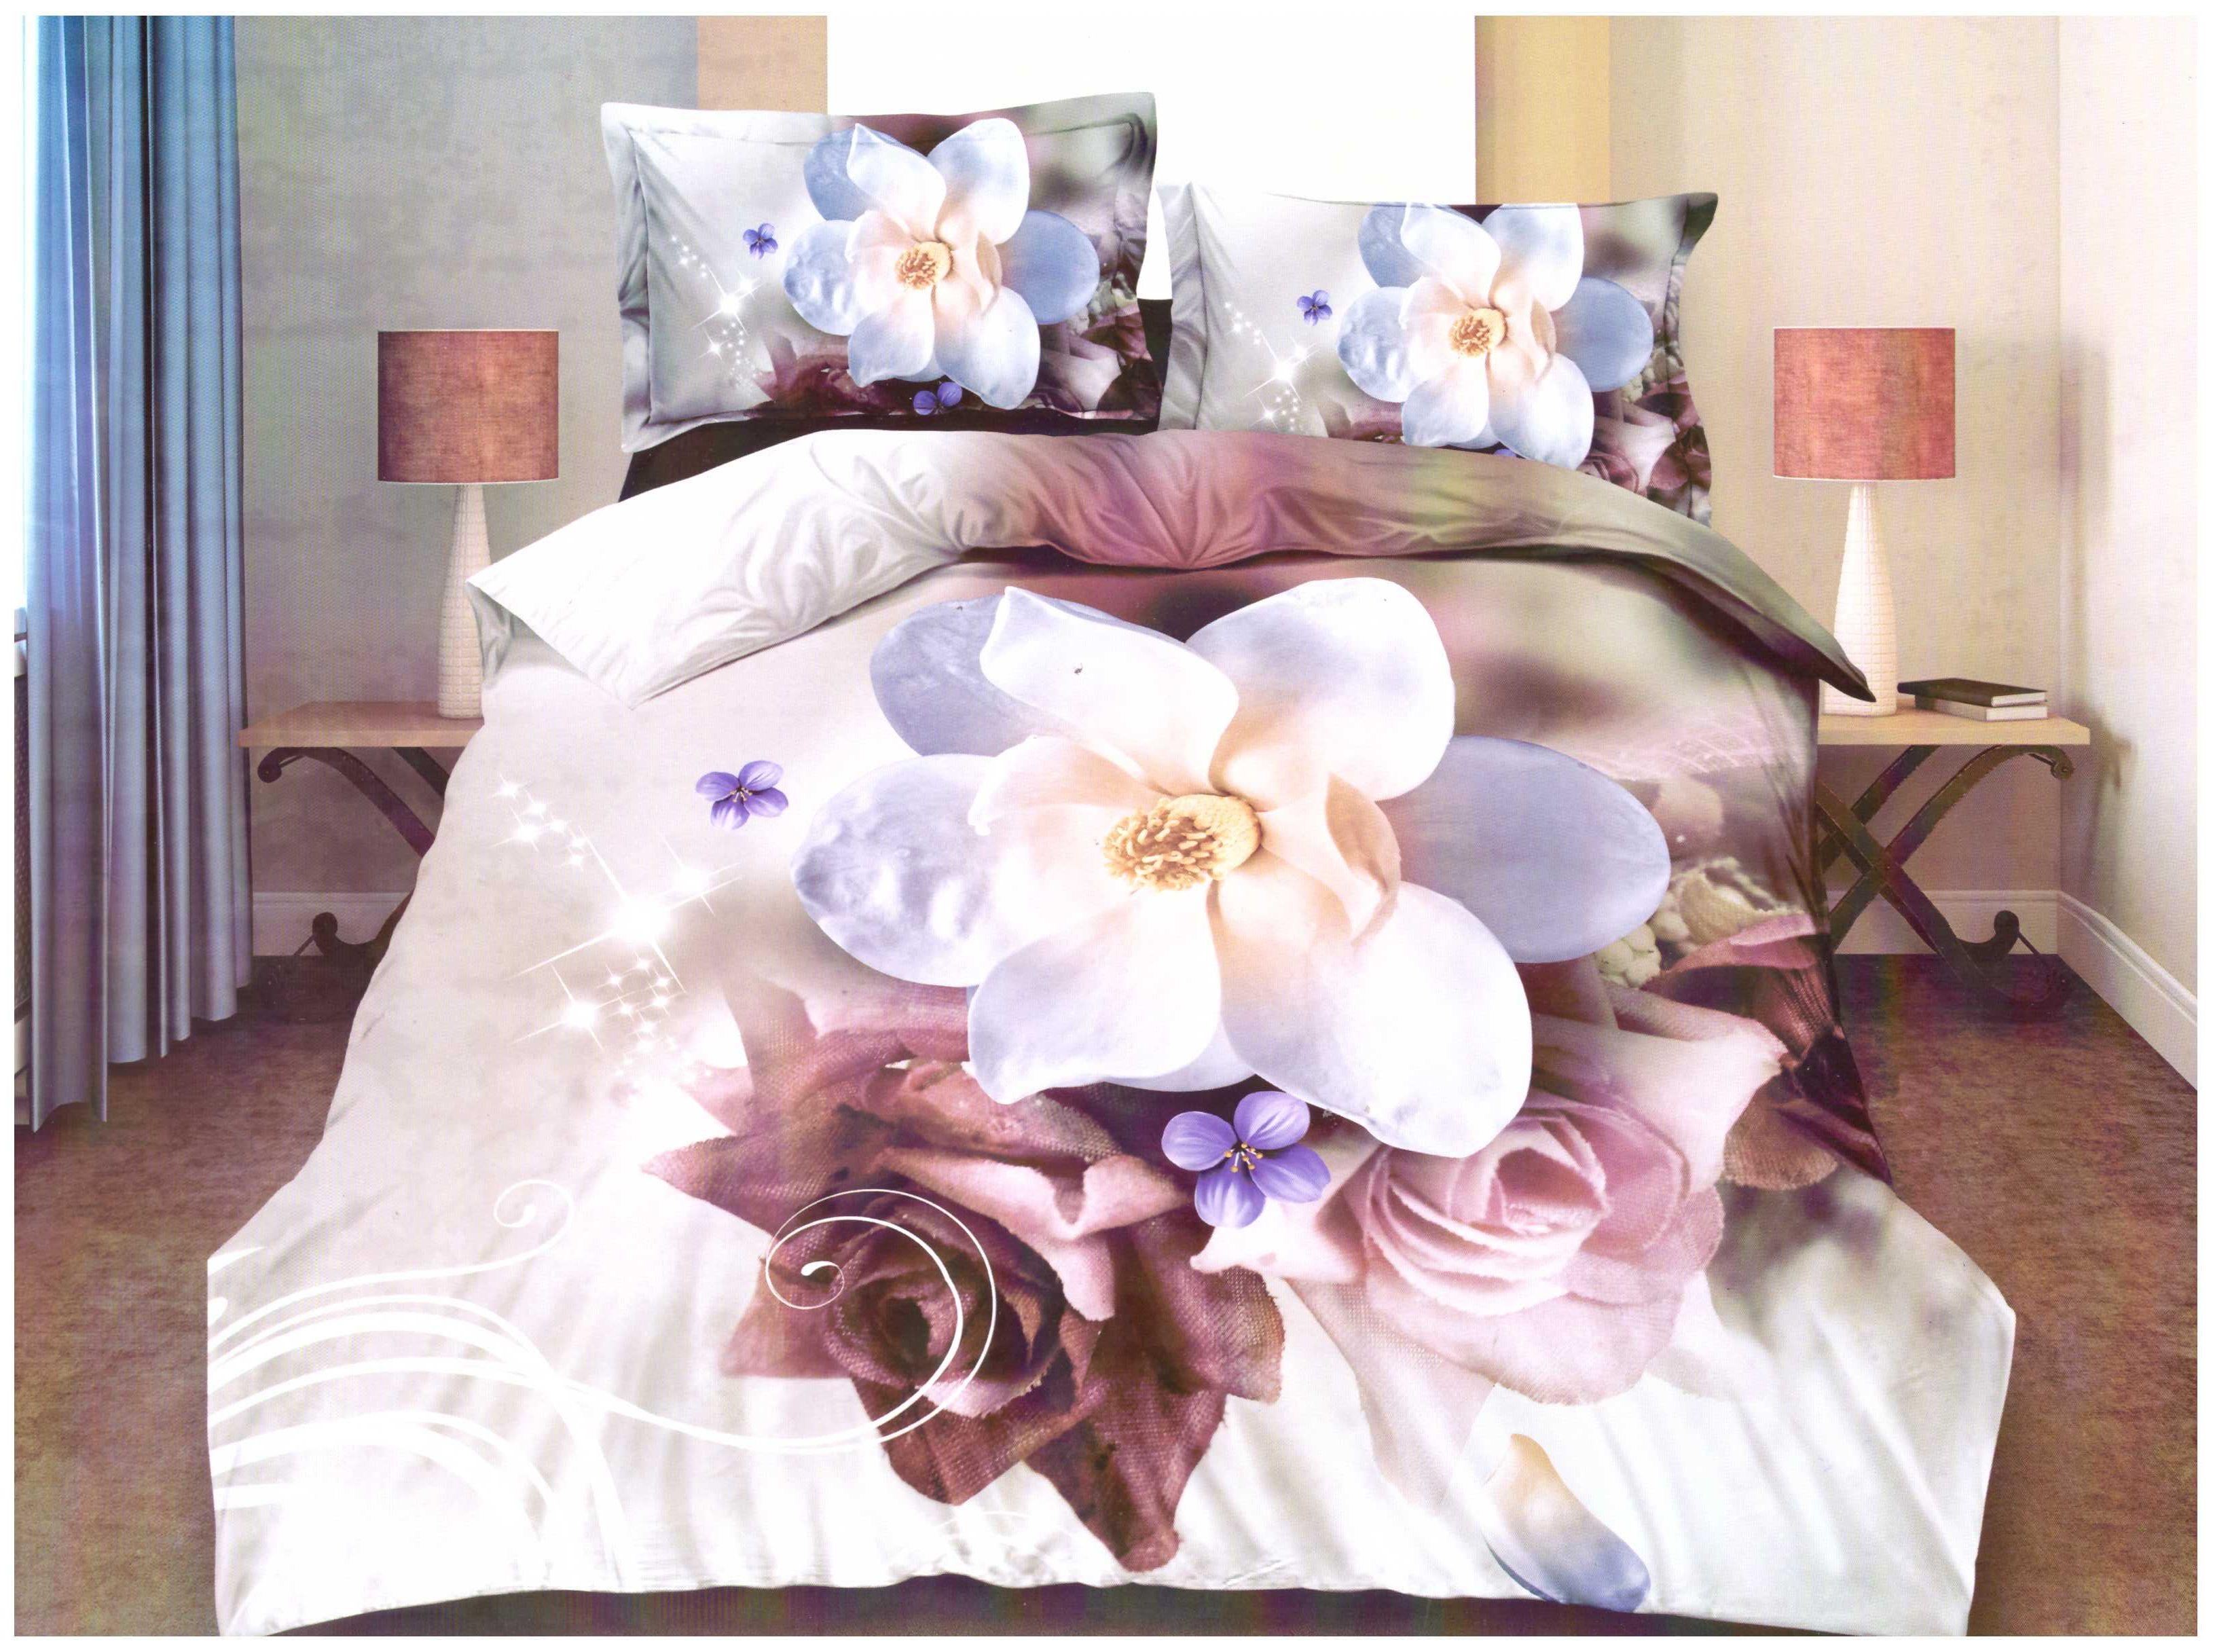 Povlečení  S 3D efektem  z bavlněného saténu Alice -  Francouzské 200x220 cm + PROSTĚRADLO ZDARMA !